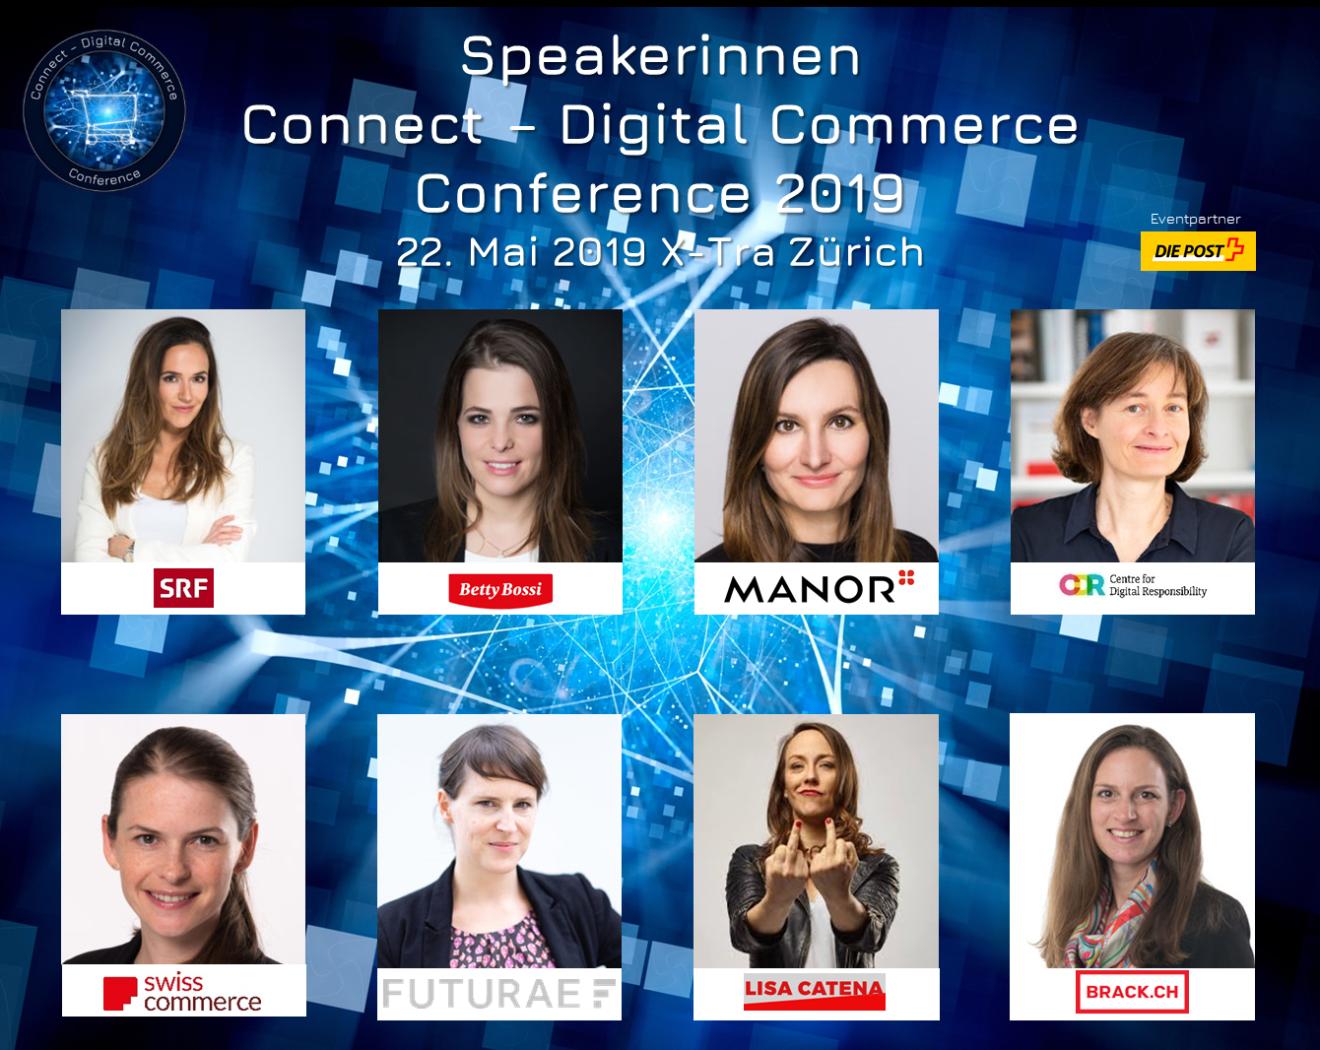 Diese Speakerinnen sind auf der Bühne an der Connect - Digital Commerce Conference 2019